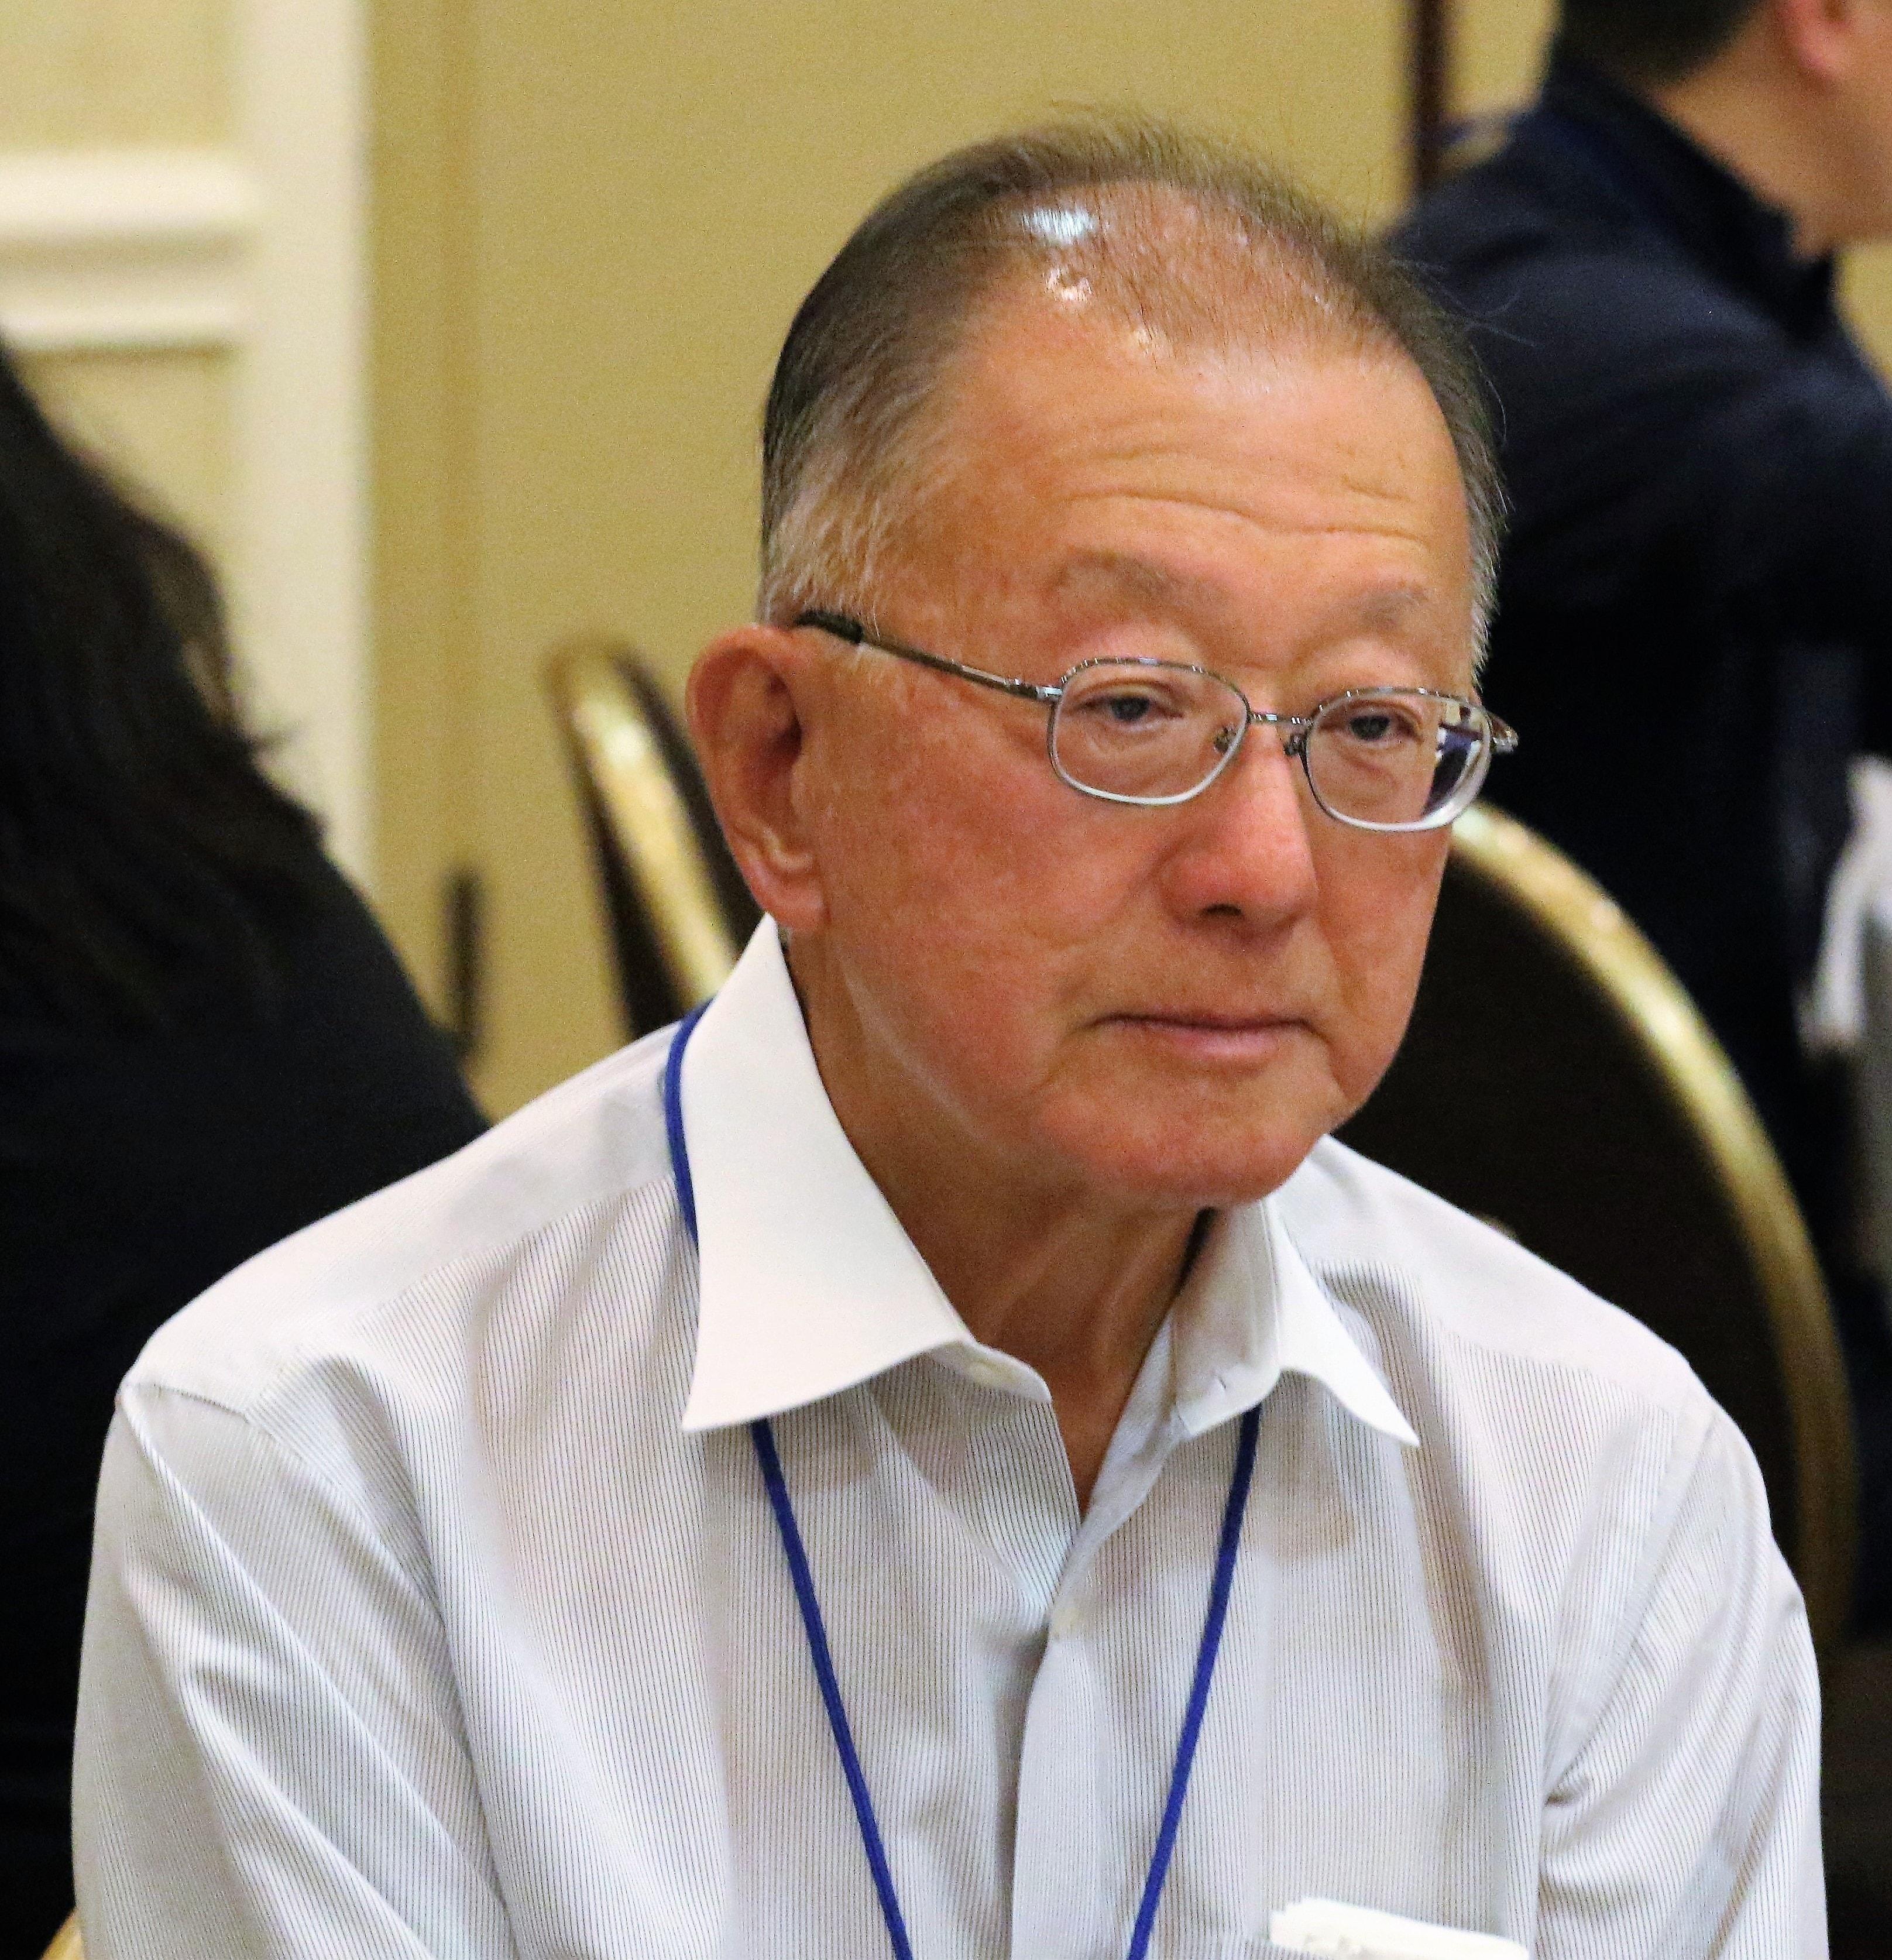 총회에 참석한 양훈 장로가 회의에 참석한 모습. 사진 김응선 목사, UM News.